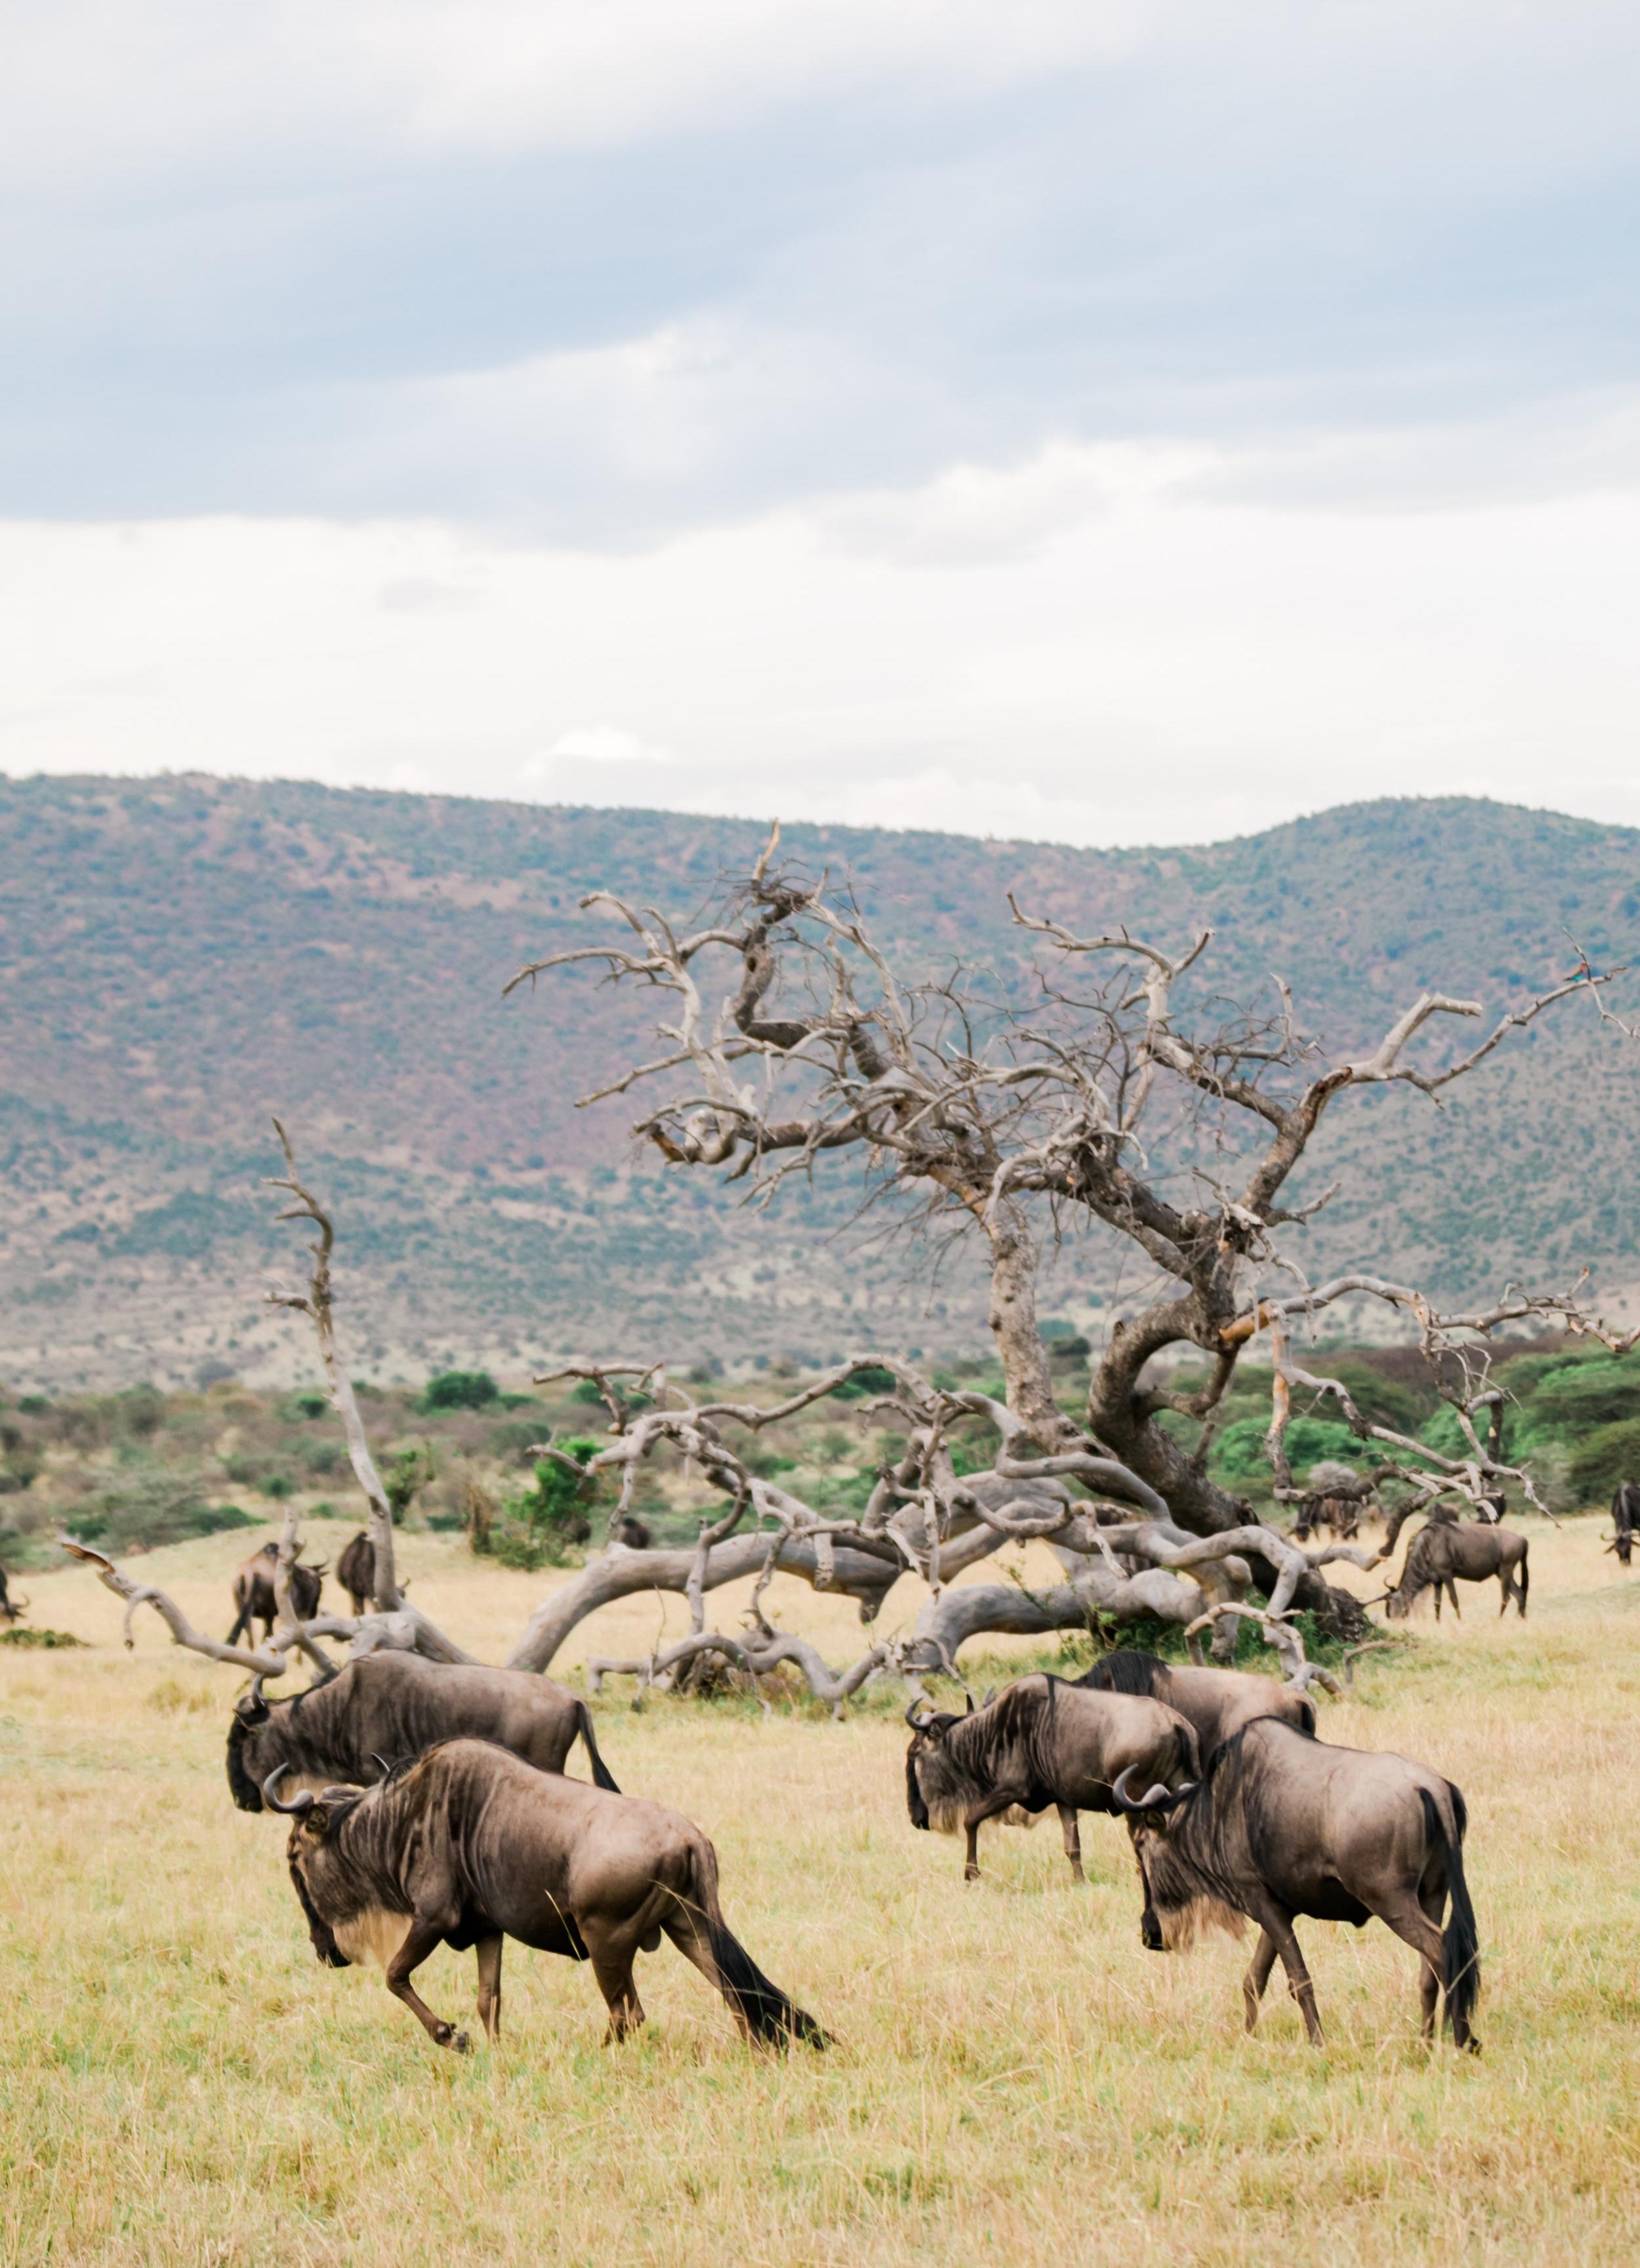 Wildebeest in Massai Mara - great migration Ph. Valorie Darling